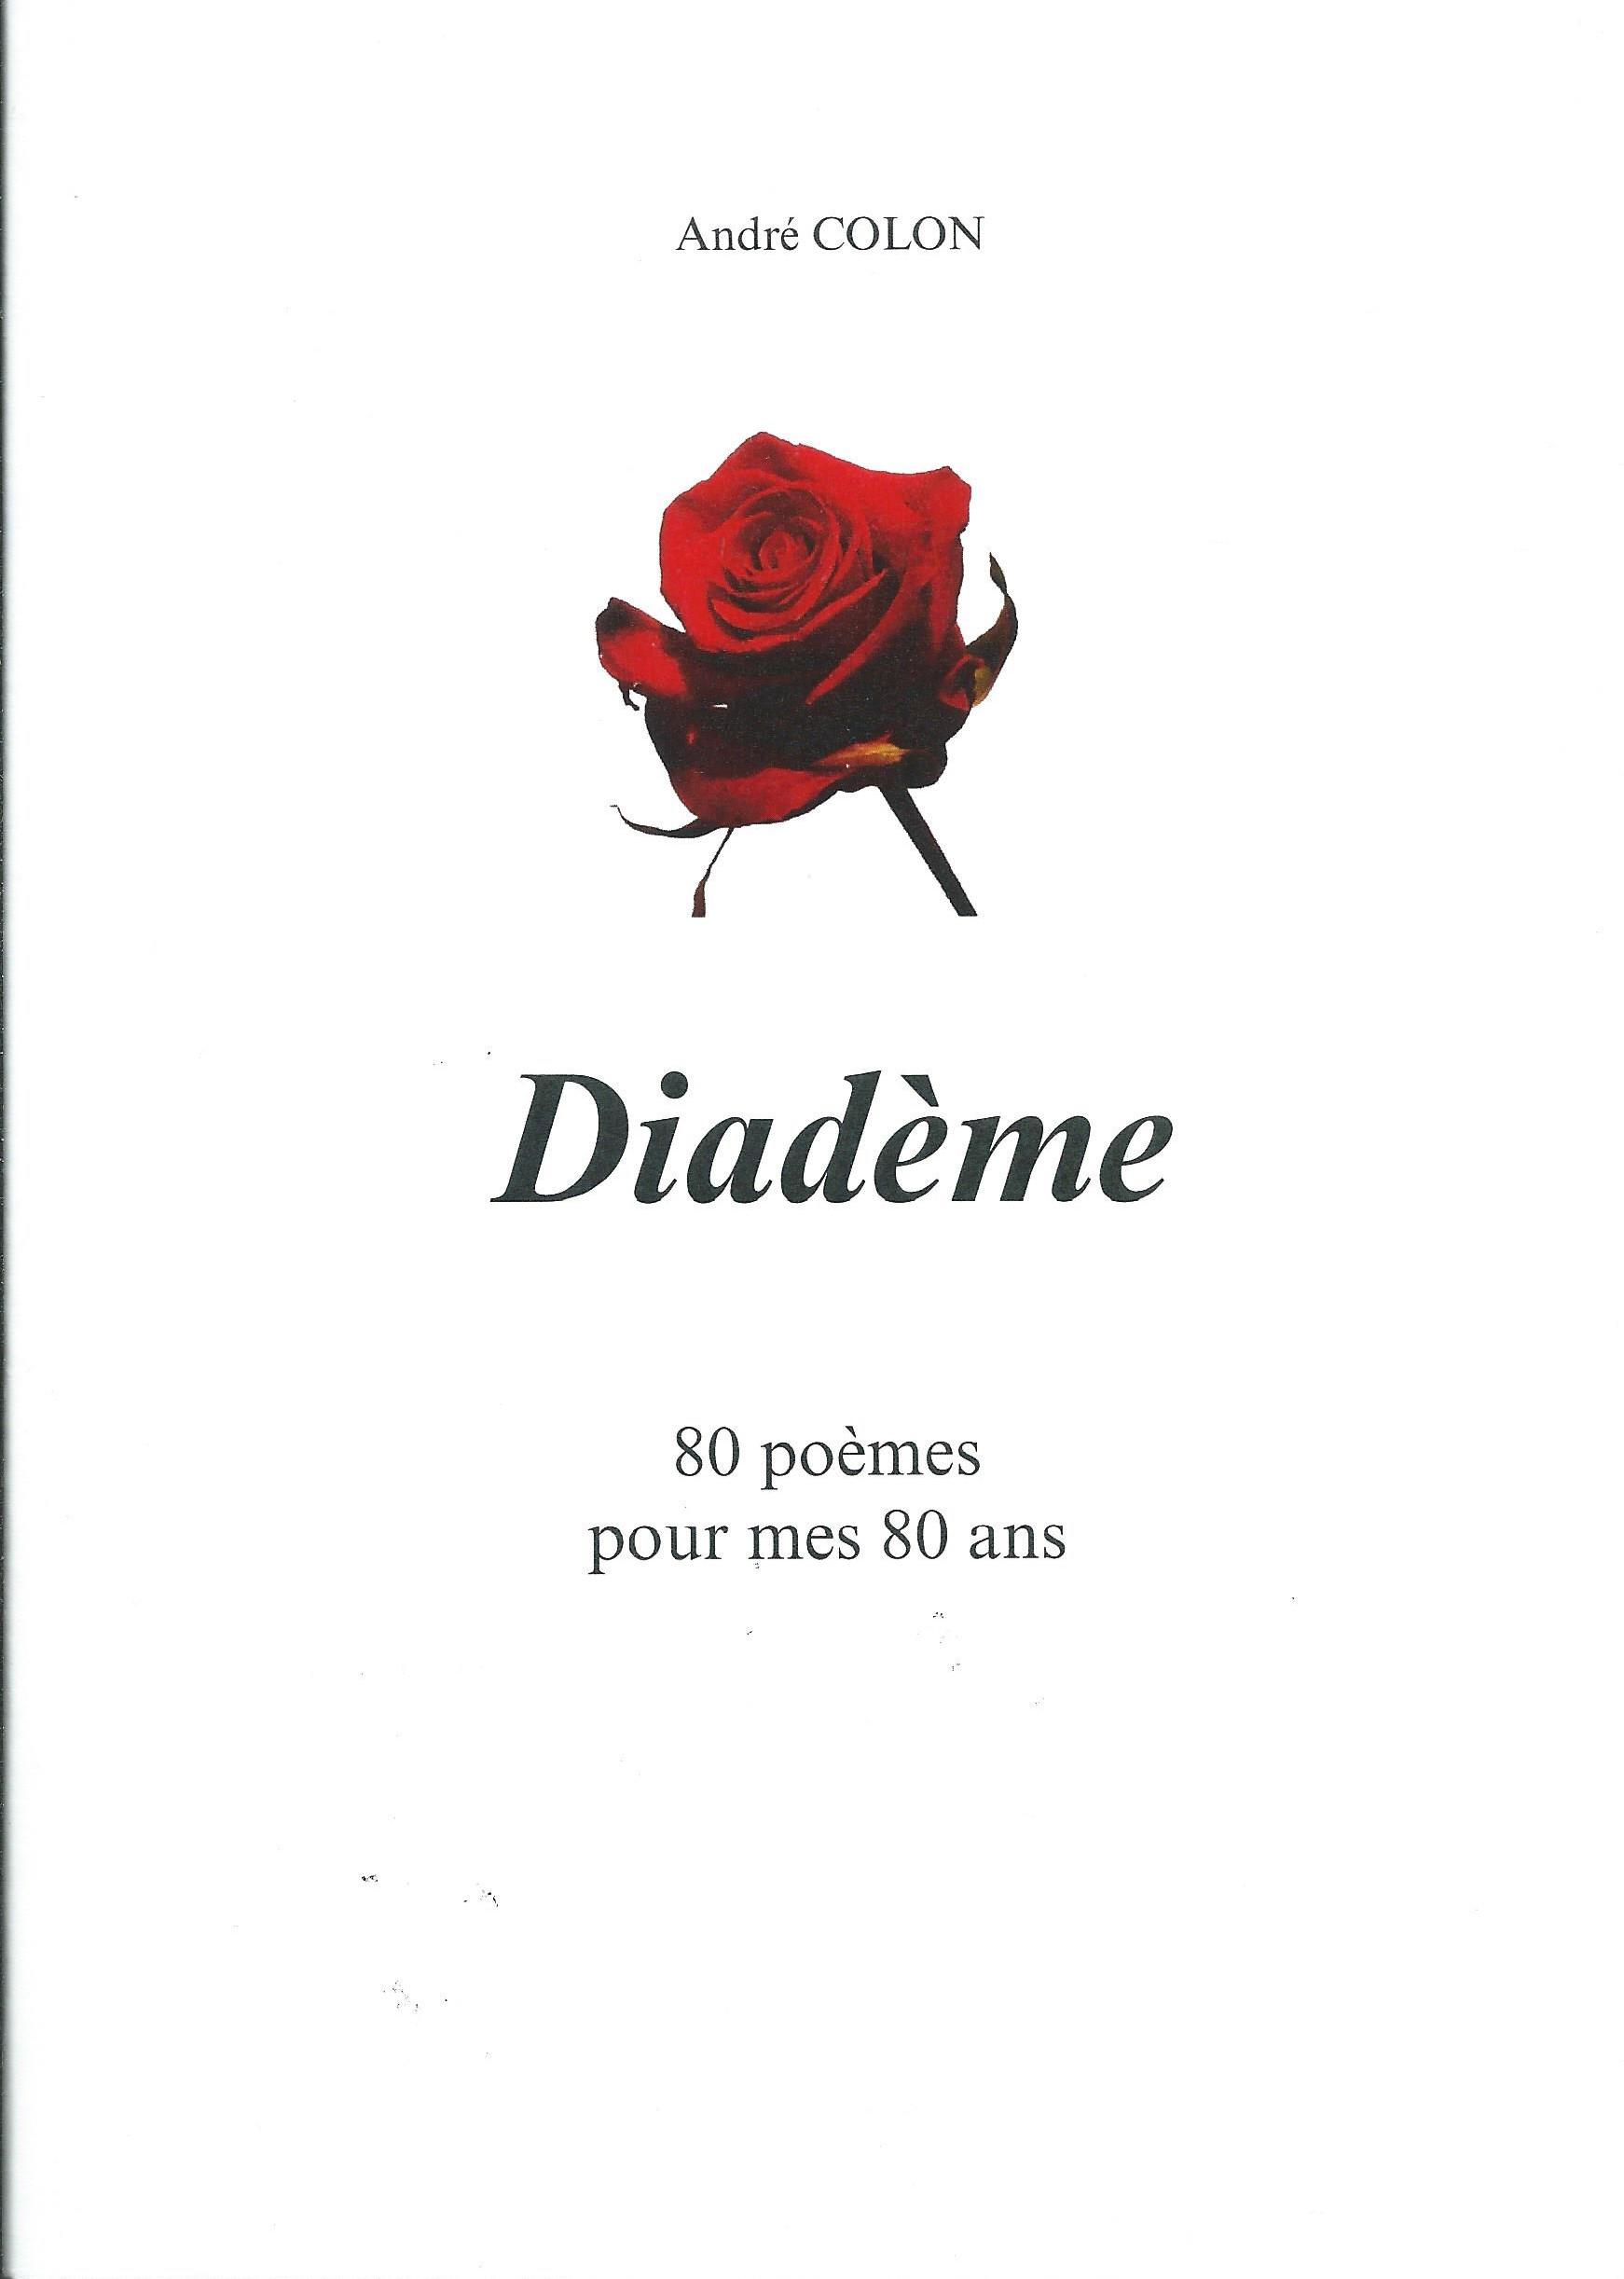 ANDRÉ COLON - Diadème